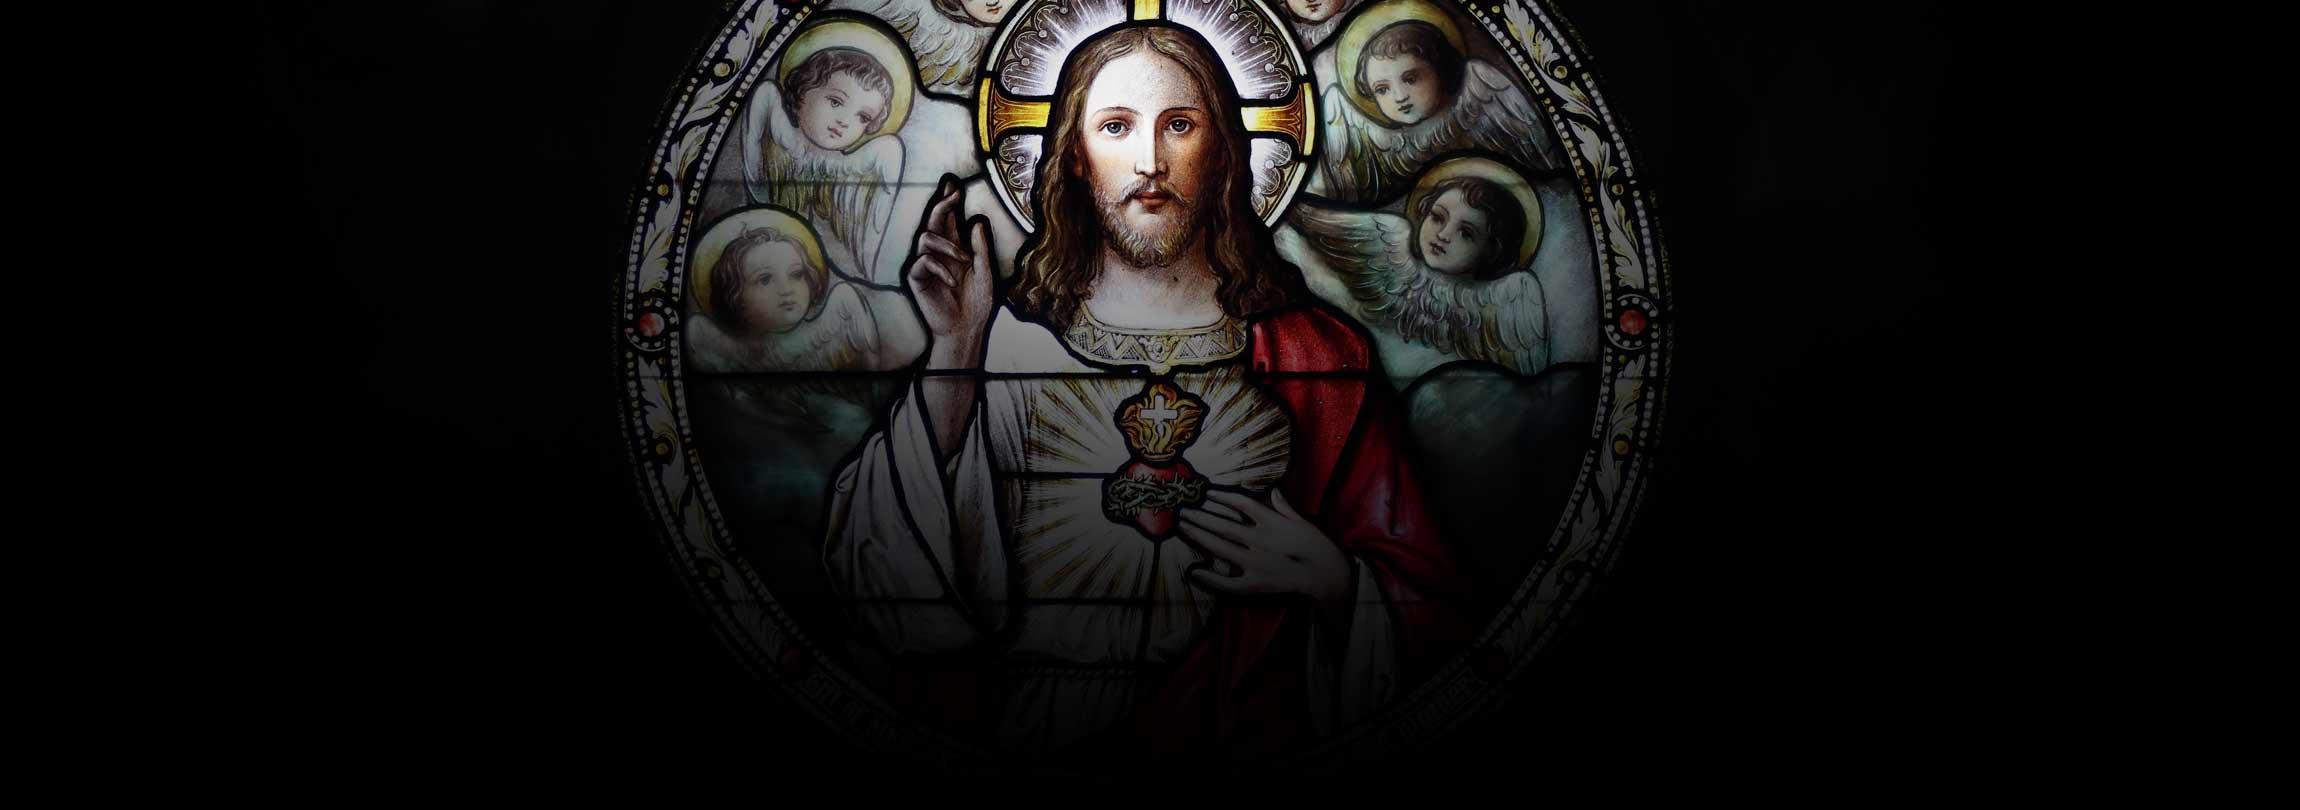 Sagrado Coração, venha a nós o vosso Reino